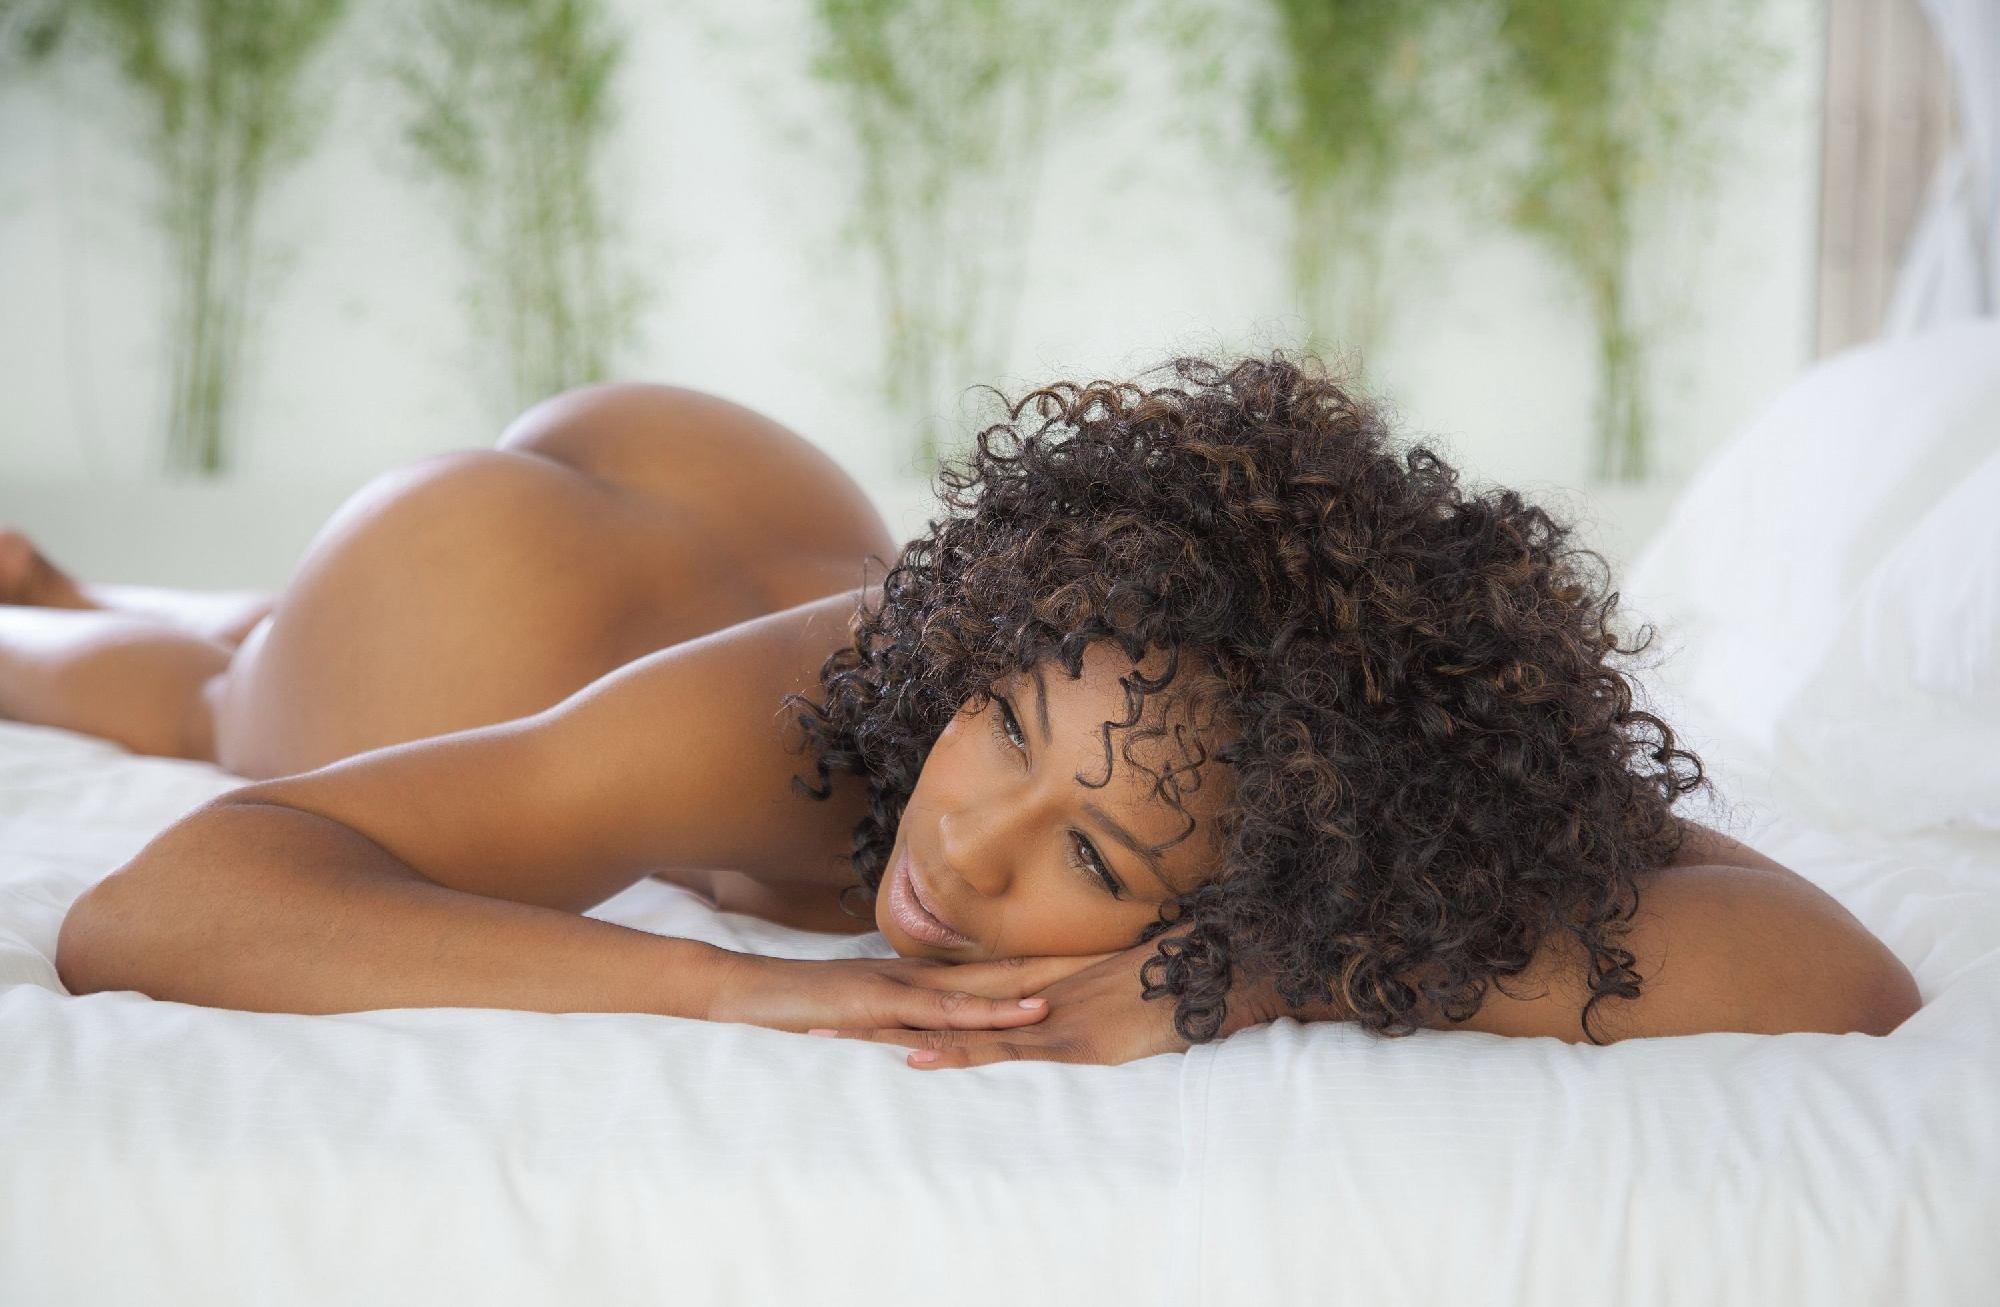 Фото еротика негритянки, Лучшие фото голых негритянок 23 фотография